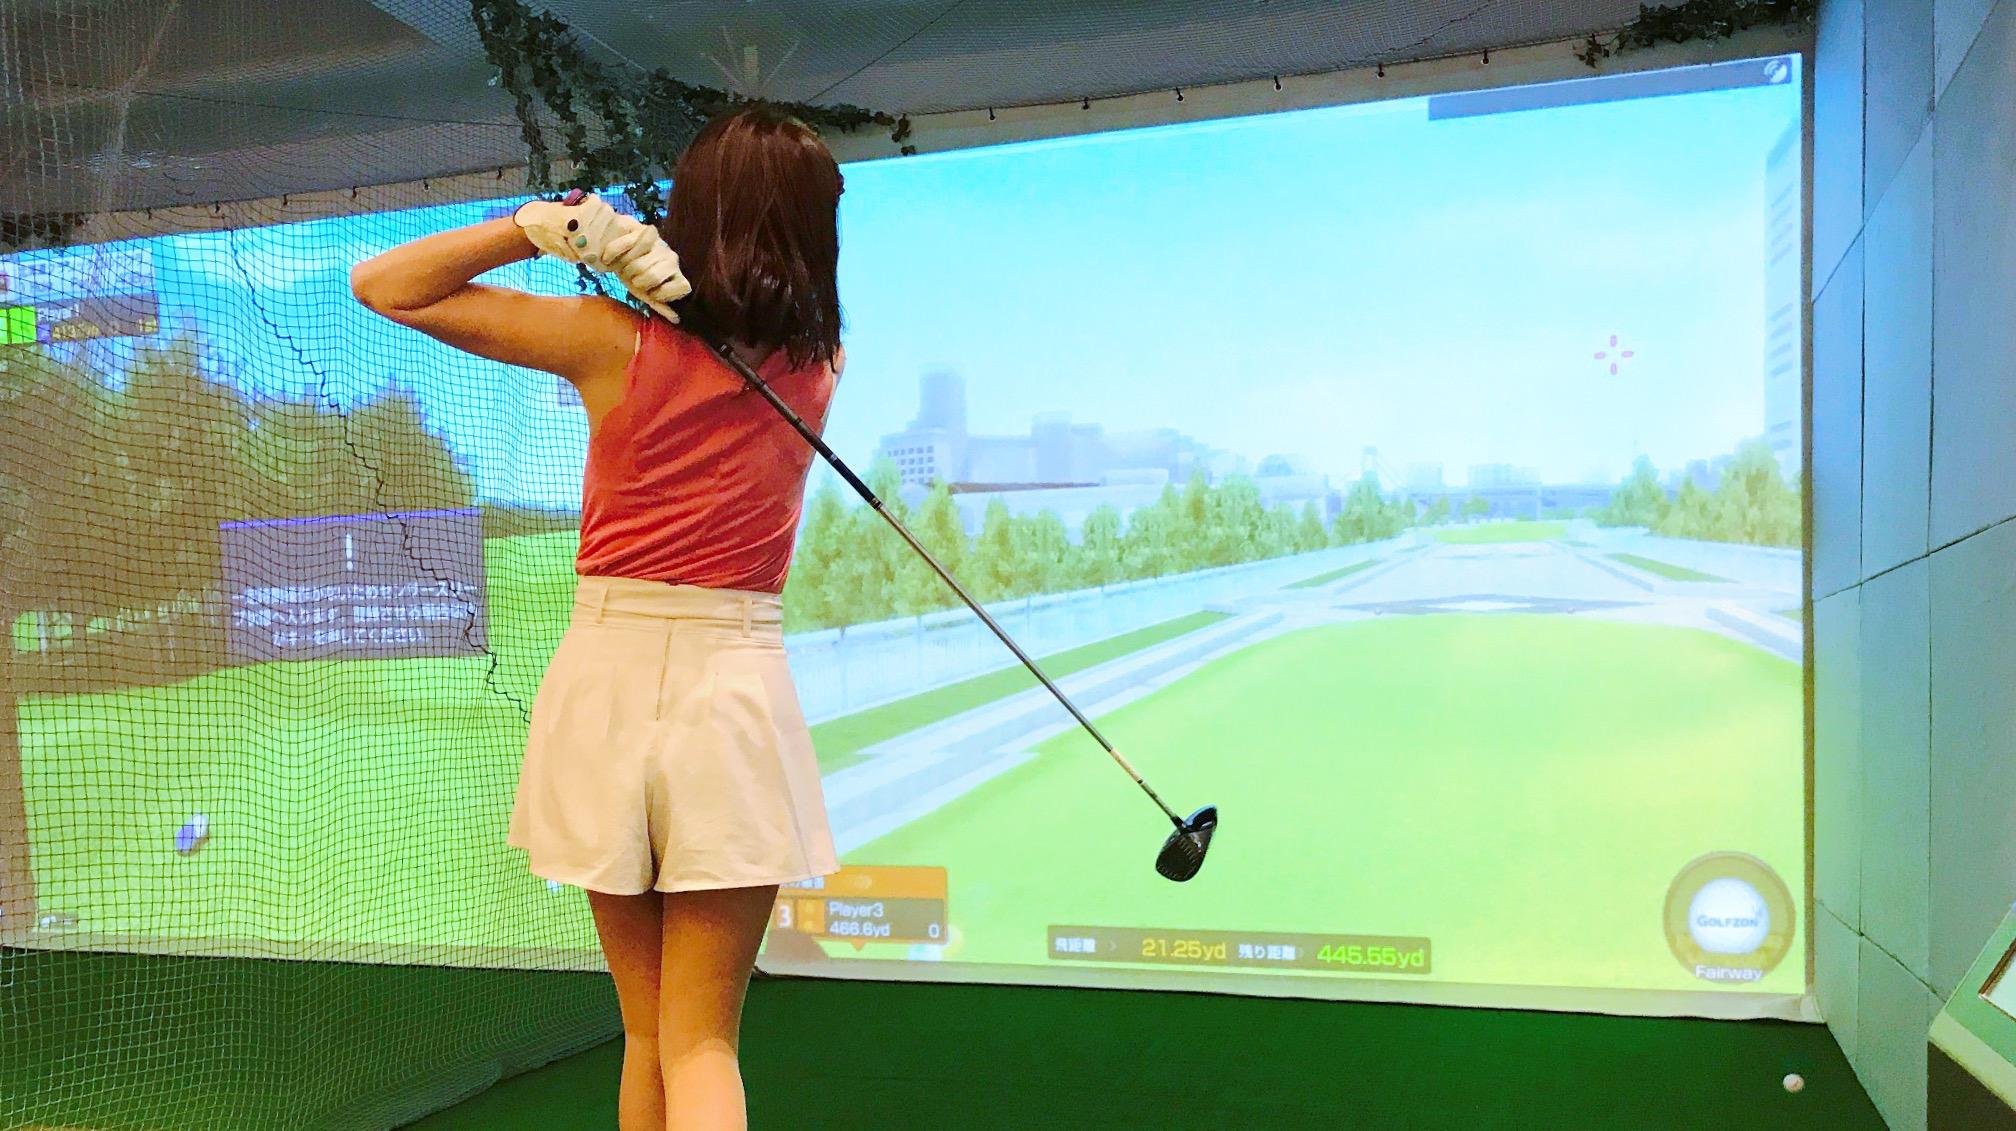 東京・丸の内にインドアゴルフ練習場「ブリヂストンゴルフガーデントーキョー」がオープンします!